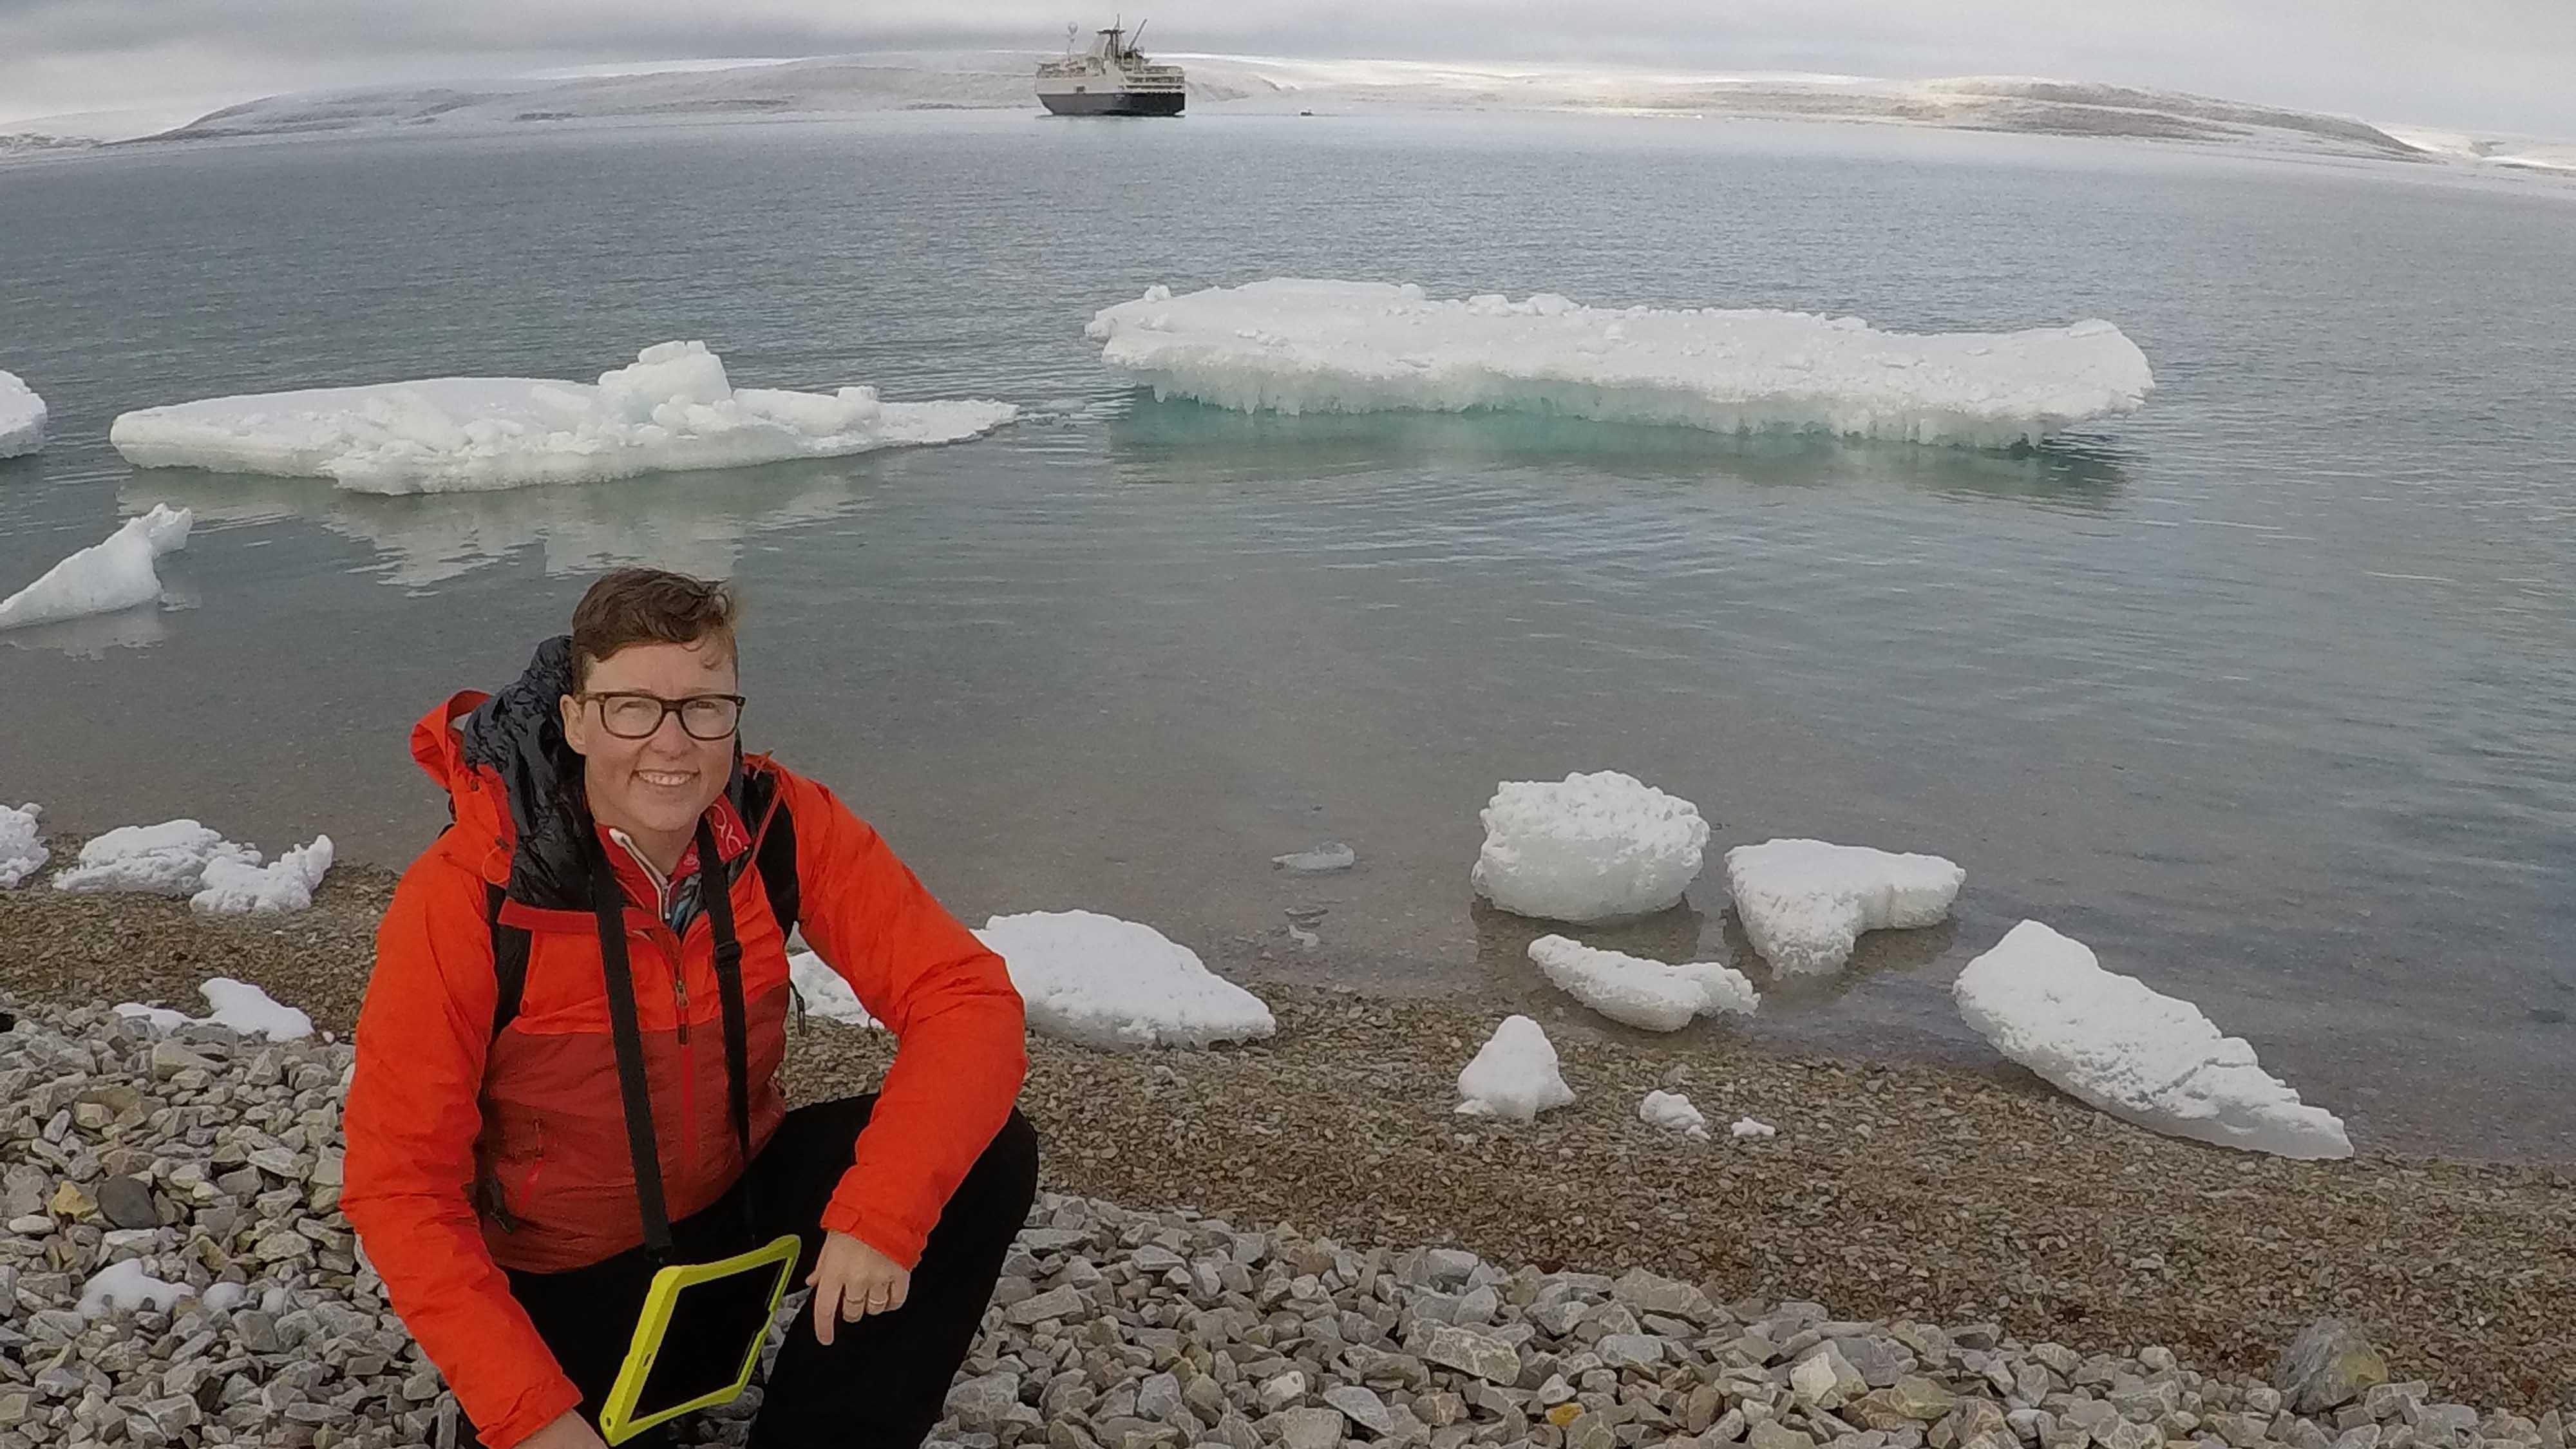 Jackie Dawson près de l'eau avec un navire à l'arrière-plan